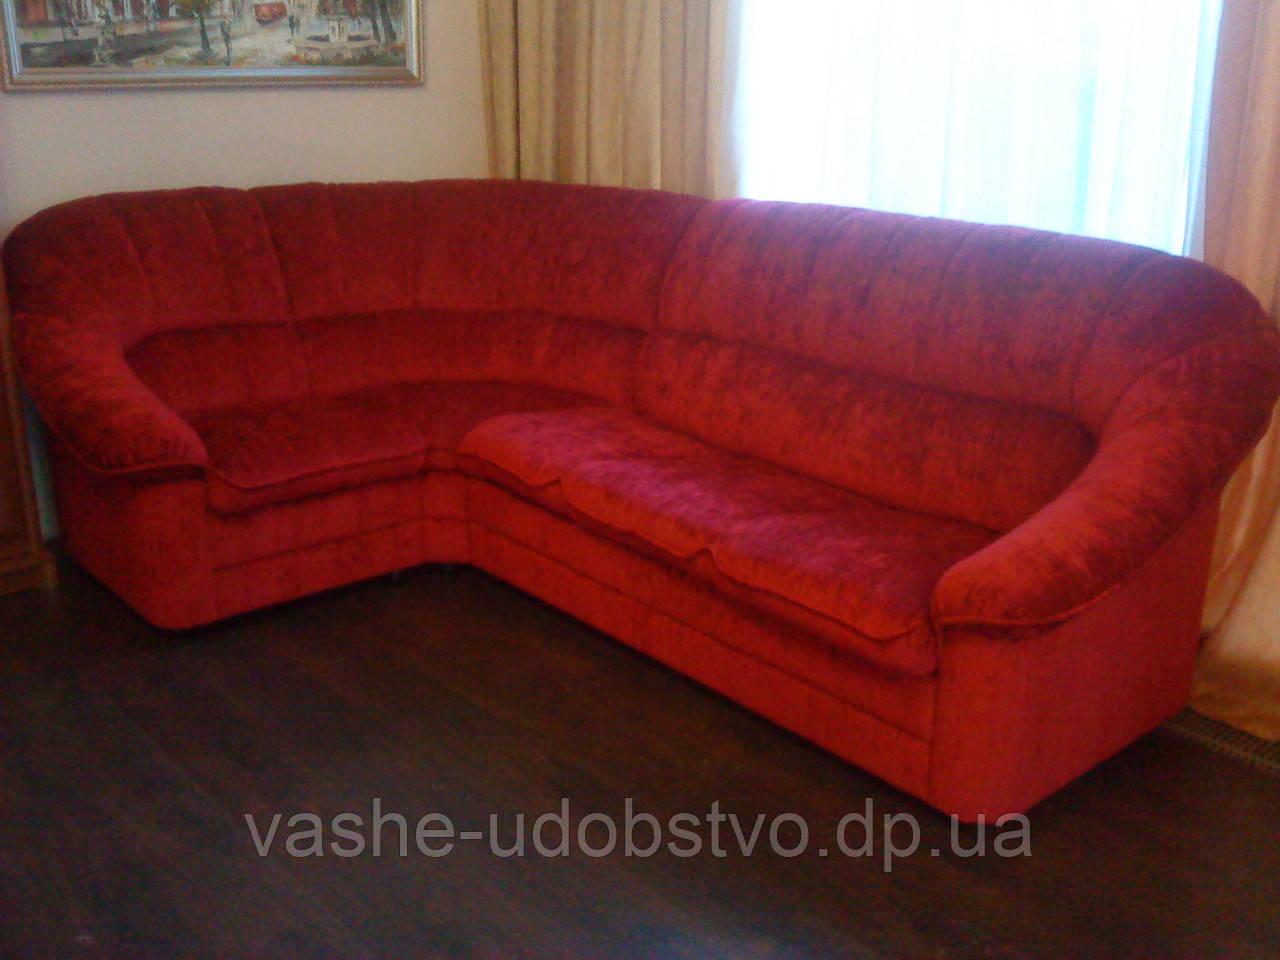 Обивка мебели, перетяжка мебели, ремонт мебели Днепропетровск.